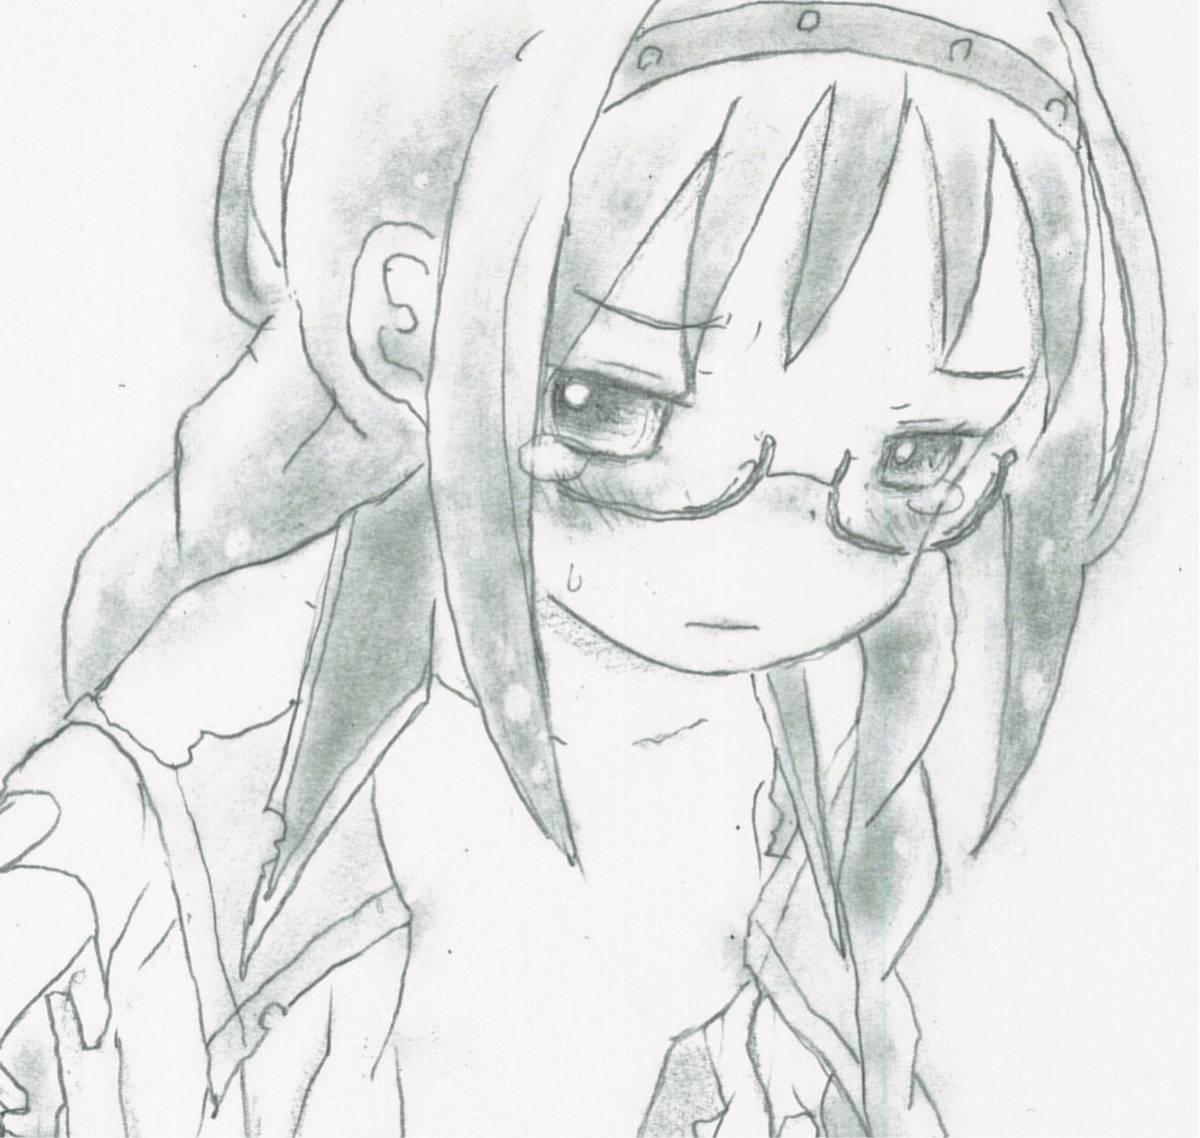 手描きイラスト 同人イラスト 魔法少女まどかマギカ 暁美ほむらさん